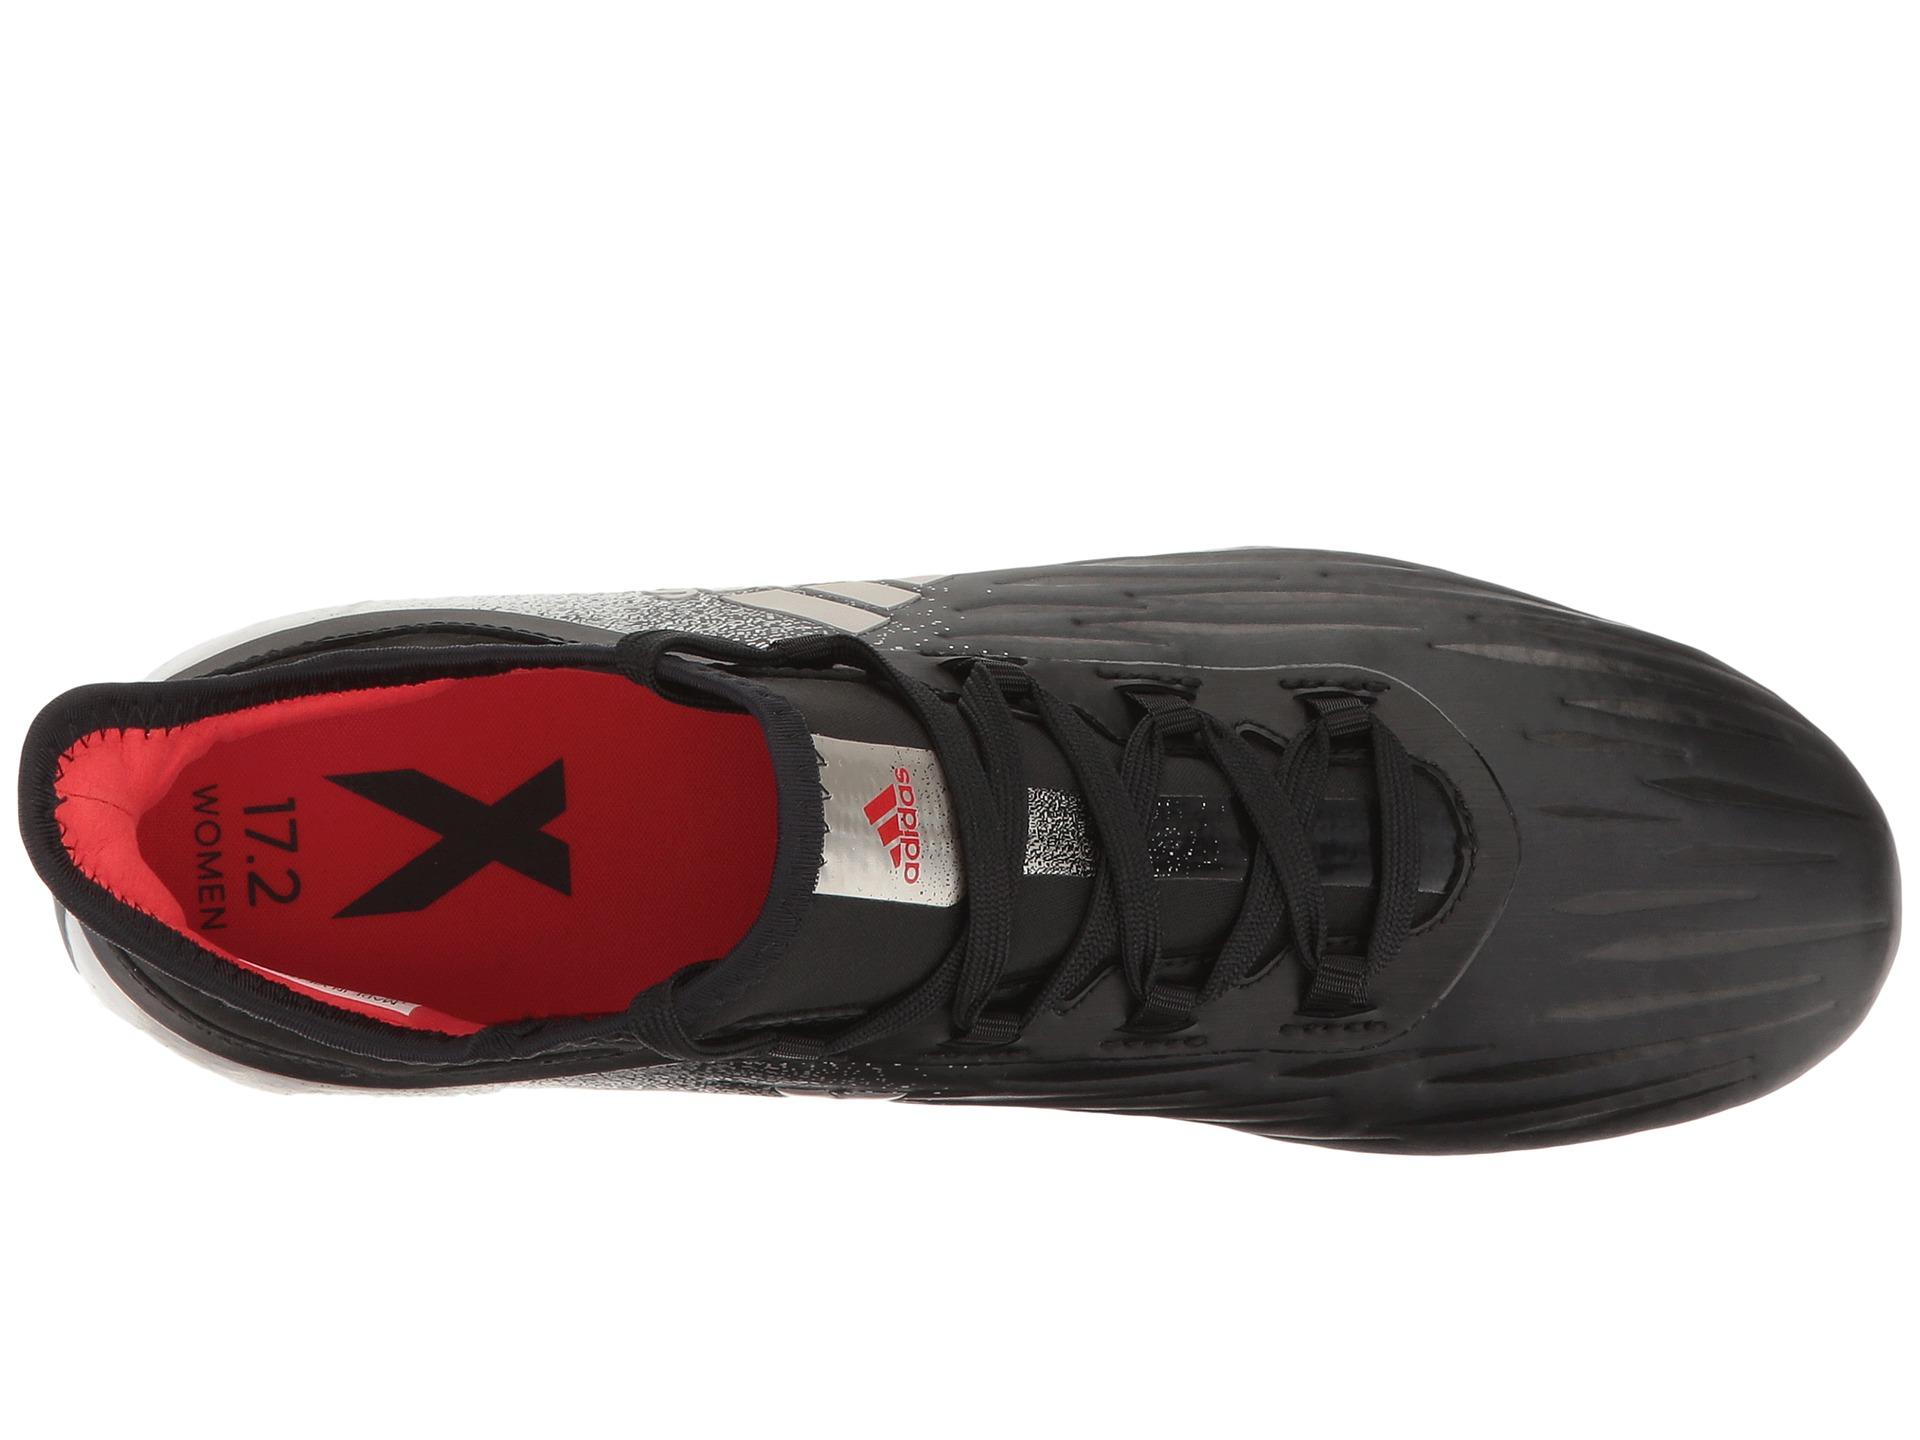 Adidas X 17.2